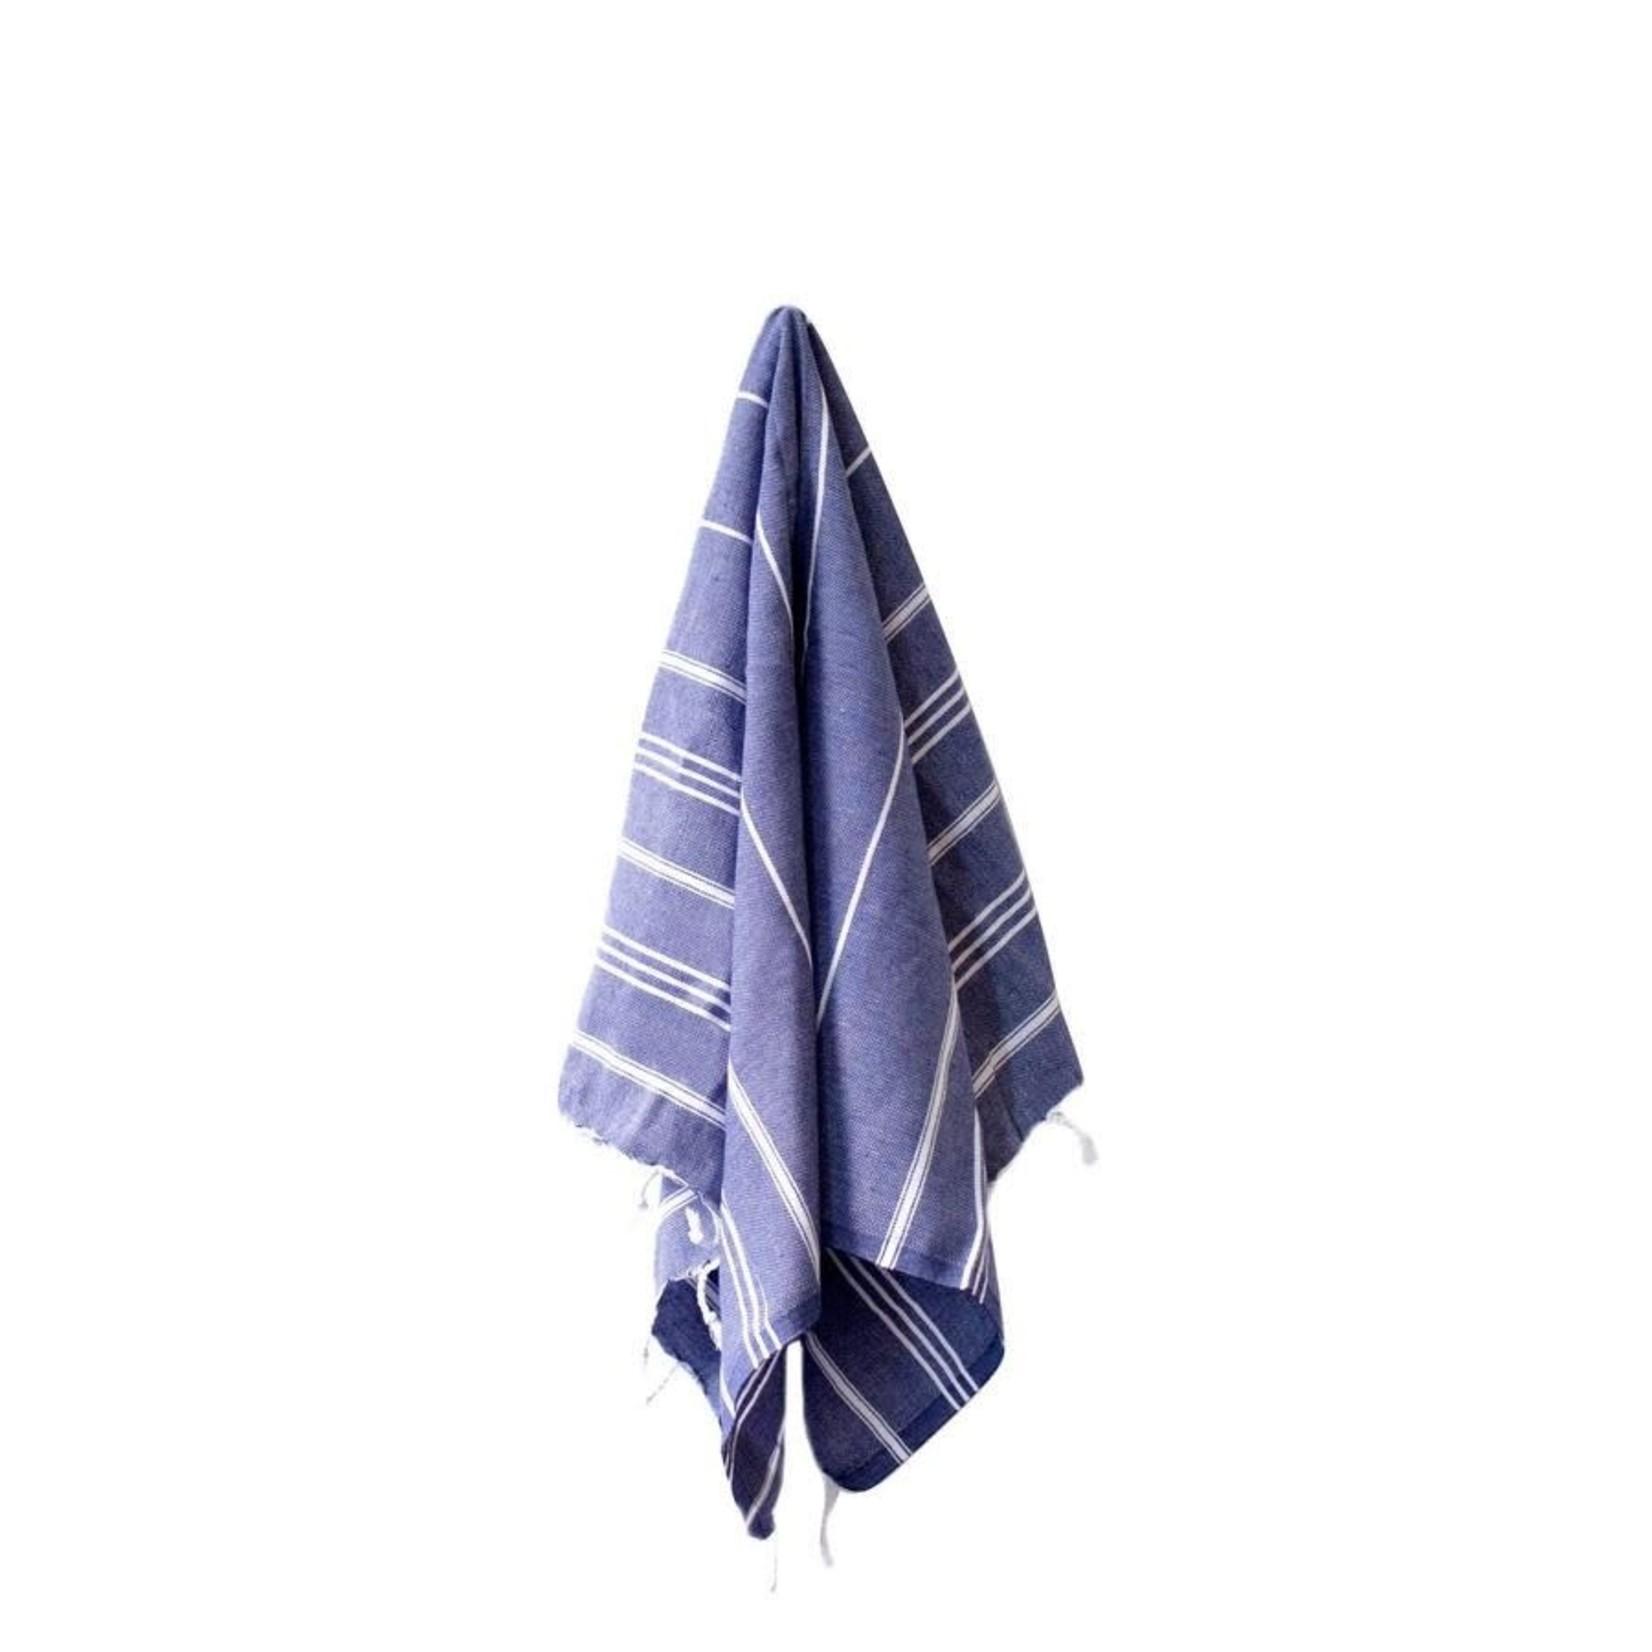 MARIN SMALL TOWEL - DENIM